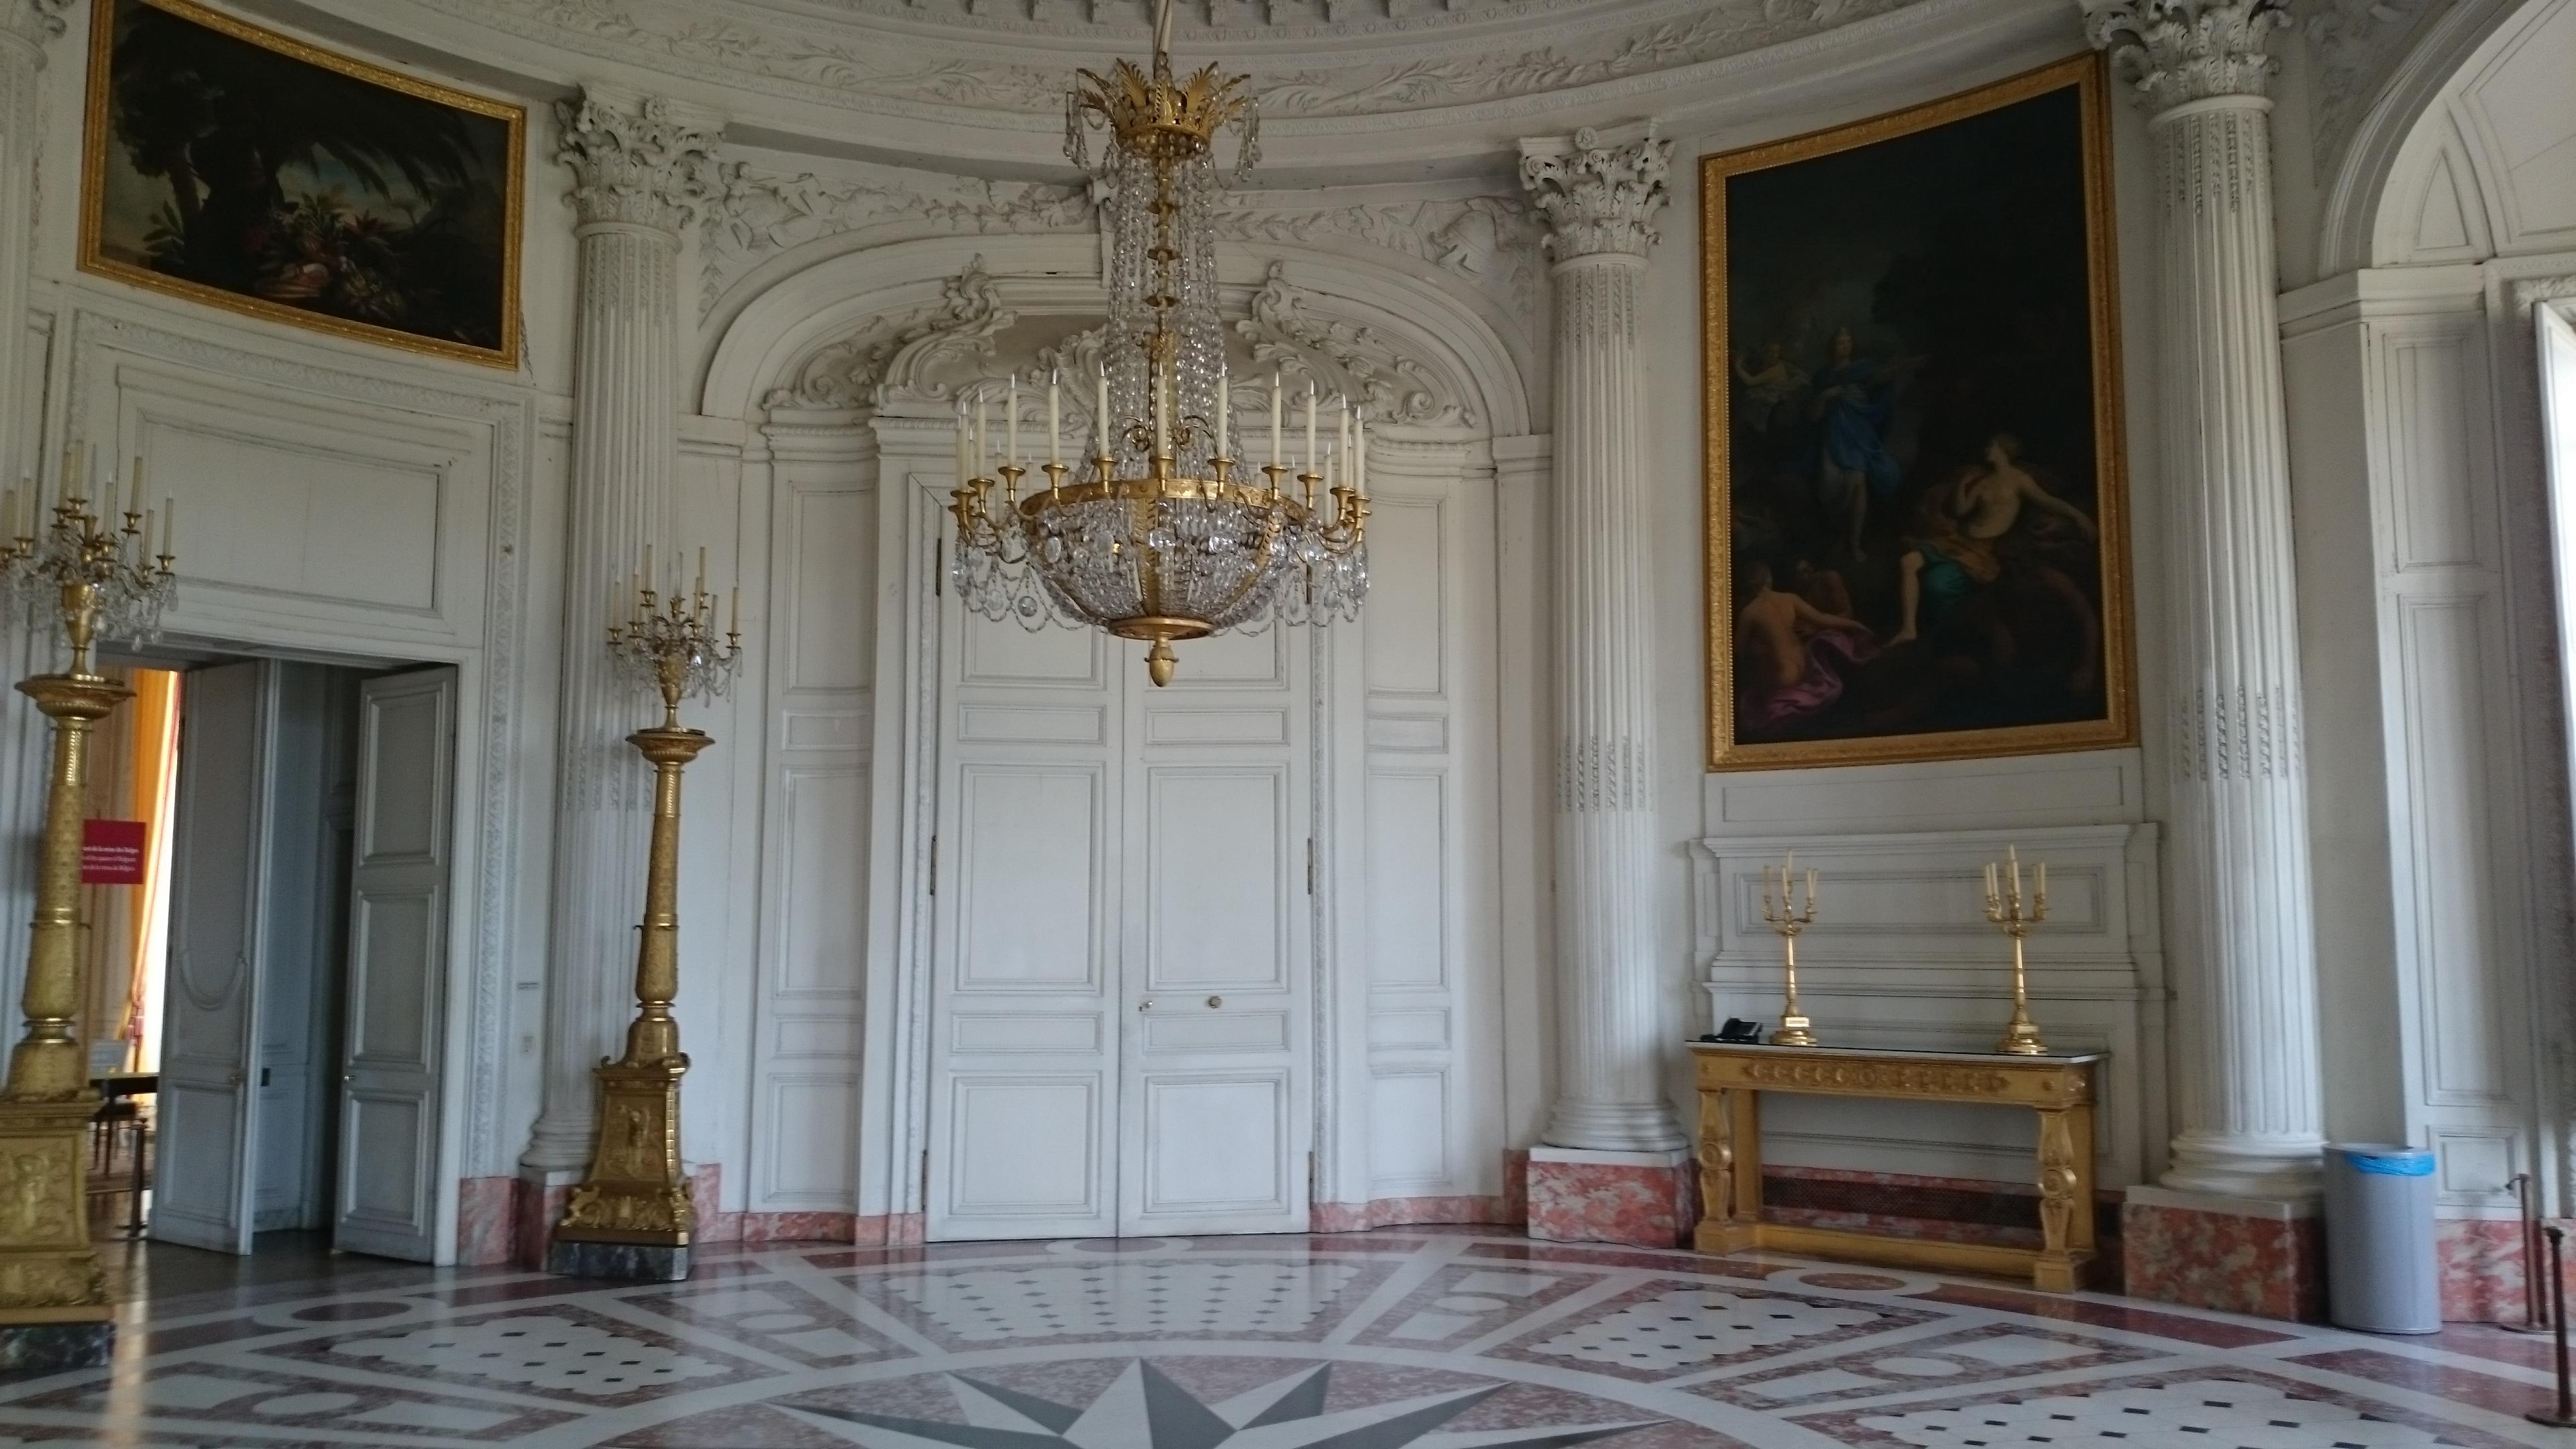 dsc 1212 - Visita al Palacio de Versalles: Como ir, cuanto cuesta y tips II/III